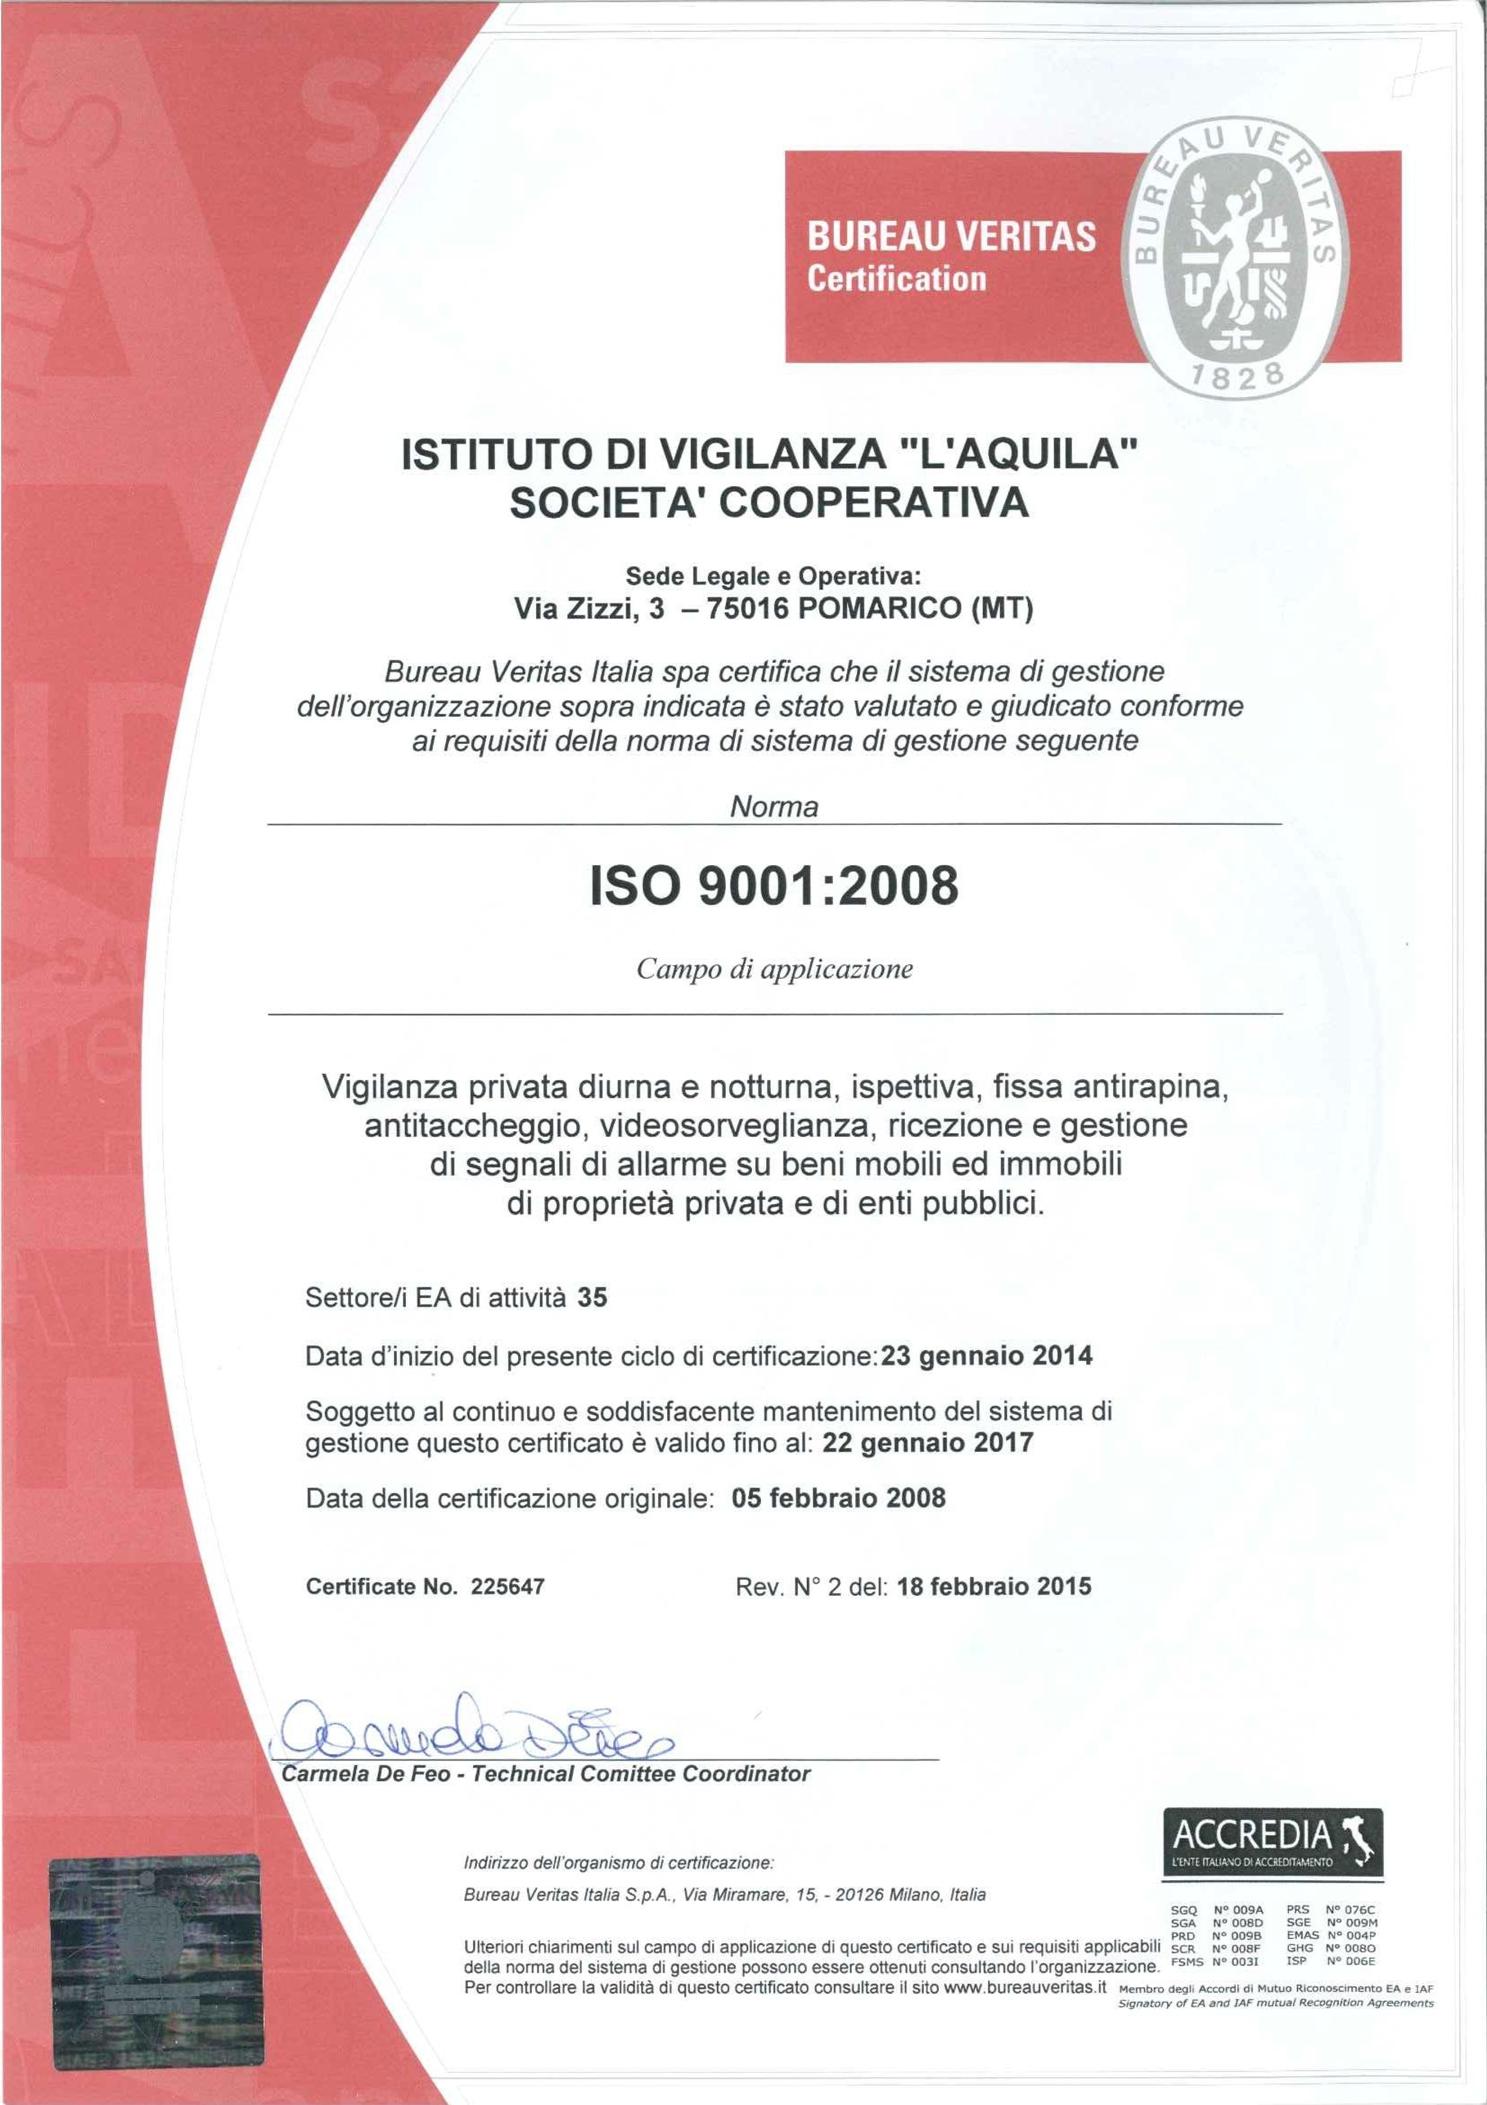 Certificato iso 9001-2008 - ISTITUTO DI VIGILANZA